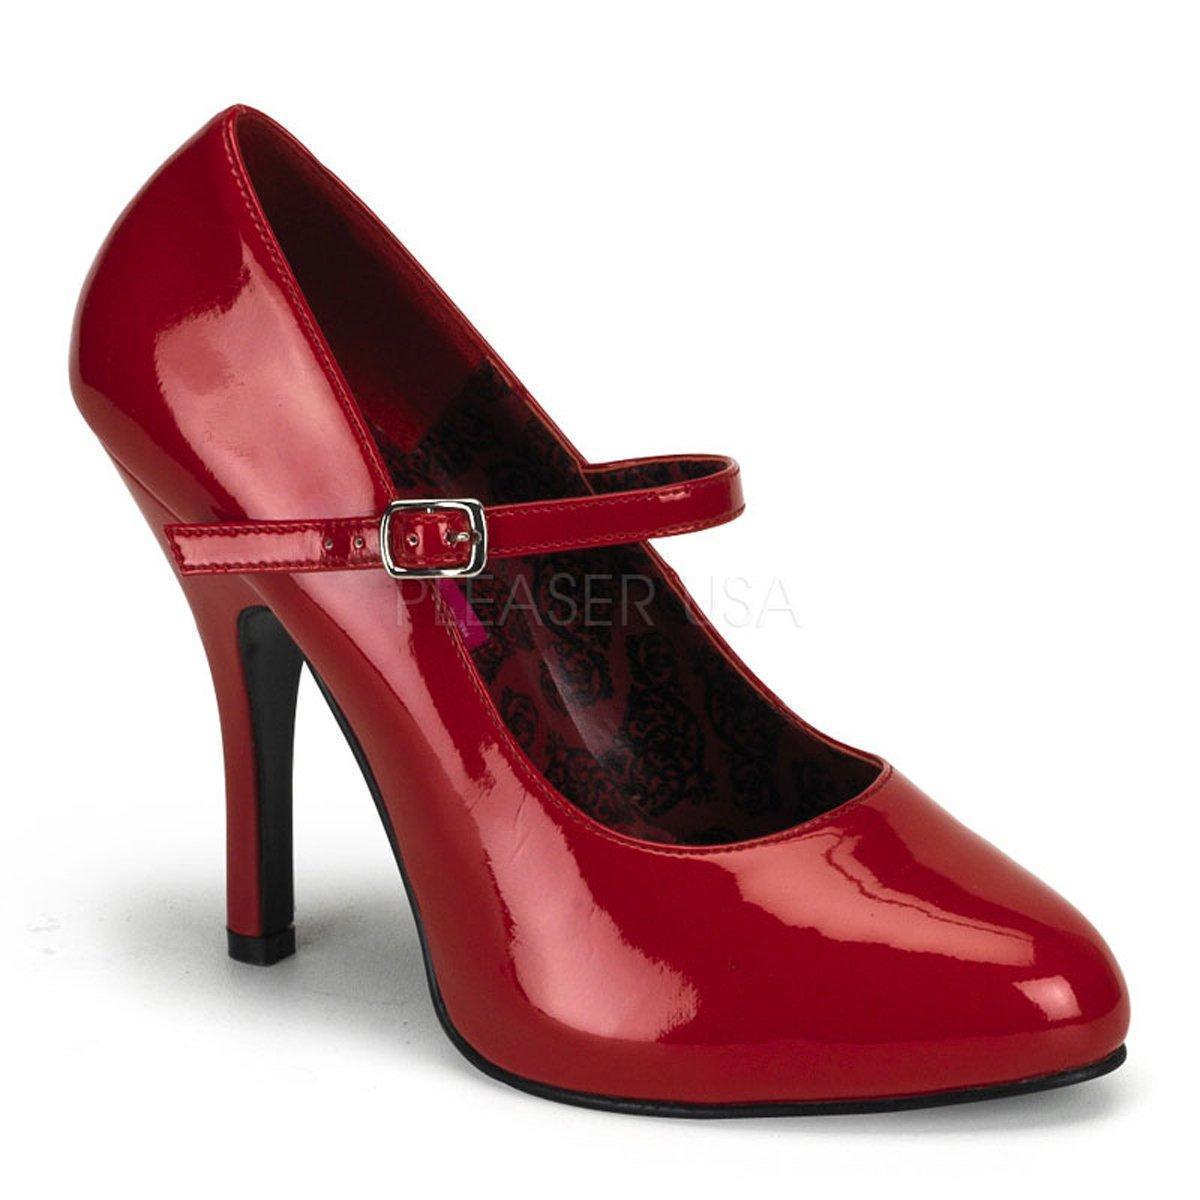 SEXY-21 Elegantní červené lakované společenské boty na podpatku ... c6cdcefd3d